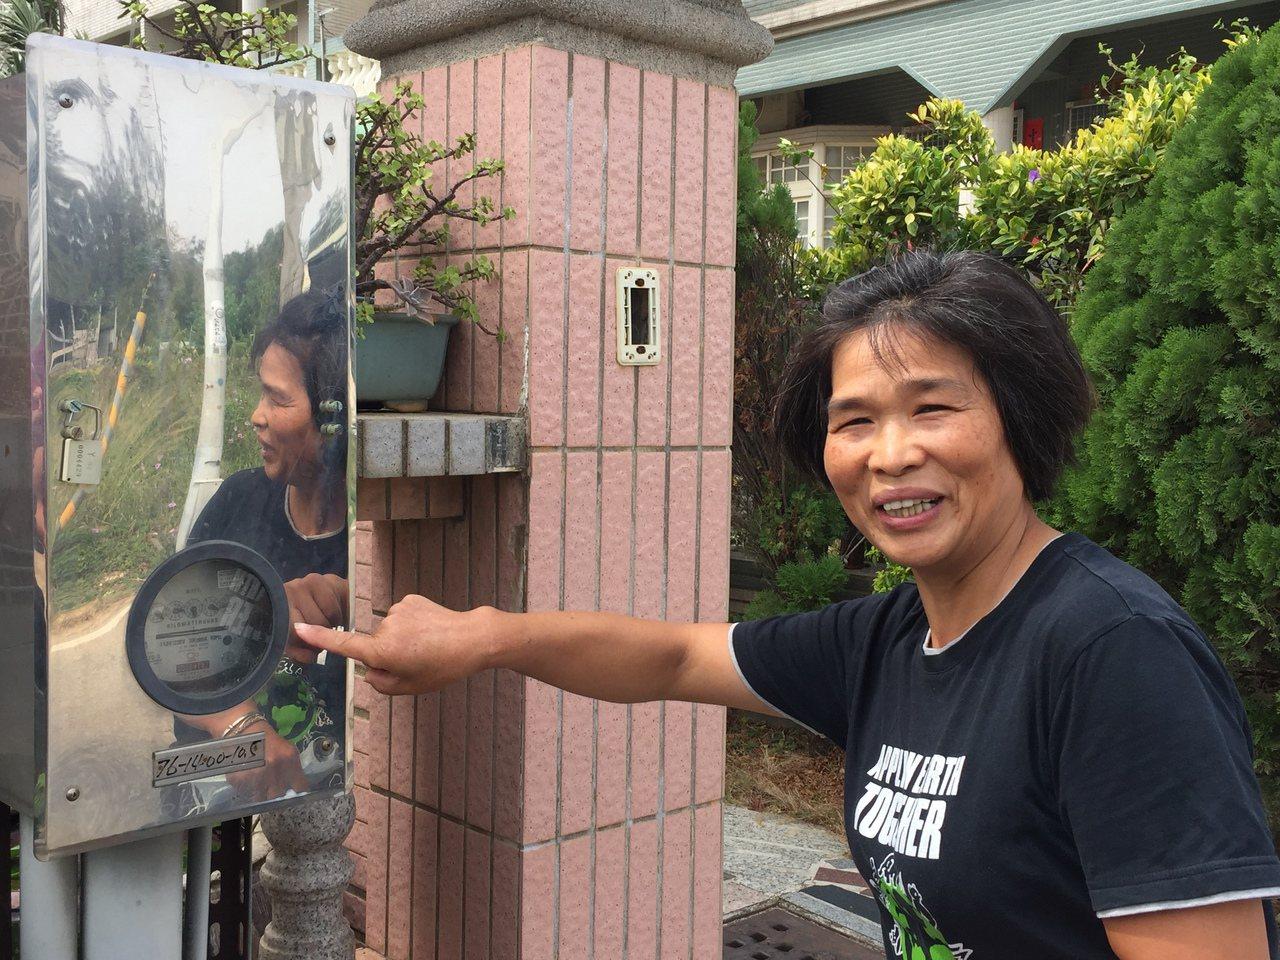 家住塔后的陳媽媽說,家中的電費連2期暴增,讓她嚇壞了。記者蔡家蓁/攝影